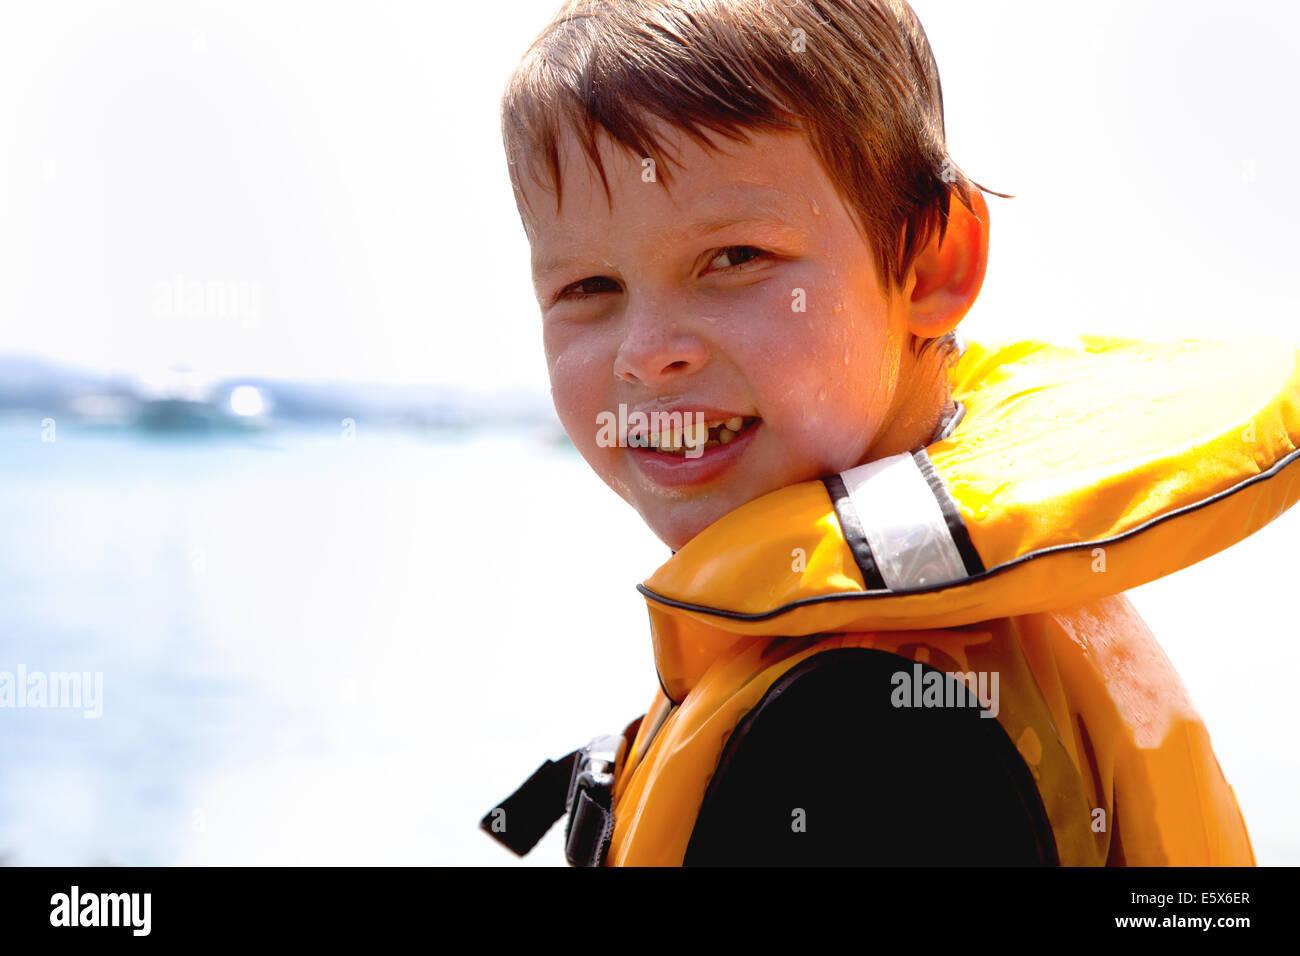 Close up ritratto di ragazzo sorridente nel giubbotto di salvataggio Immagini Stock